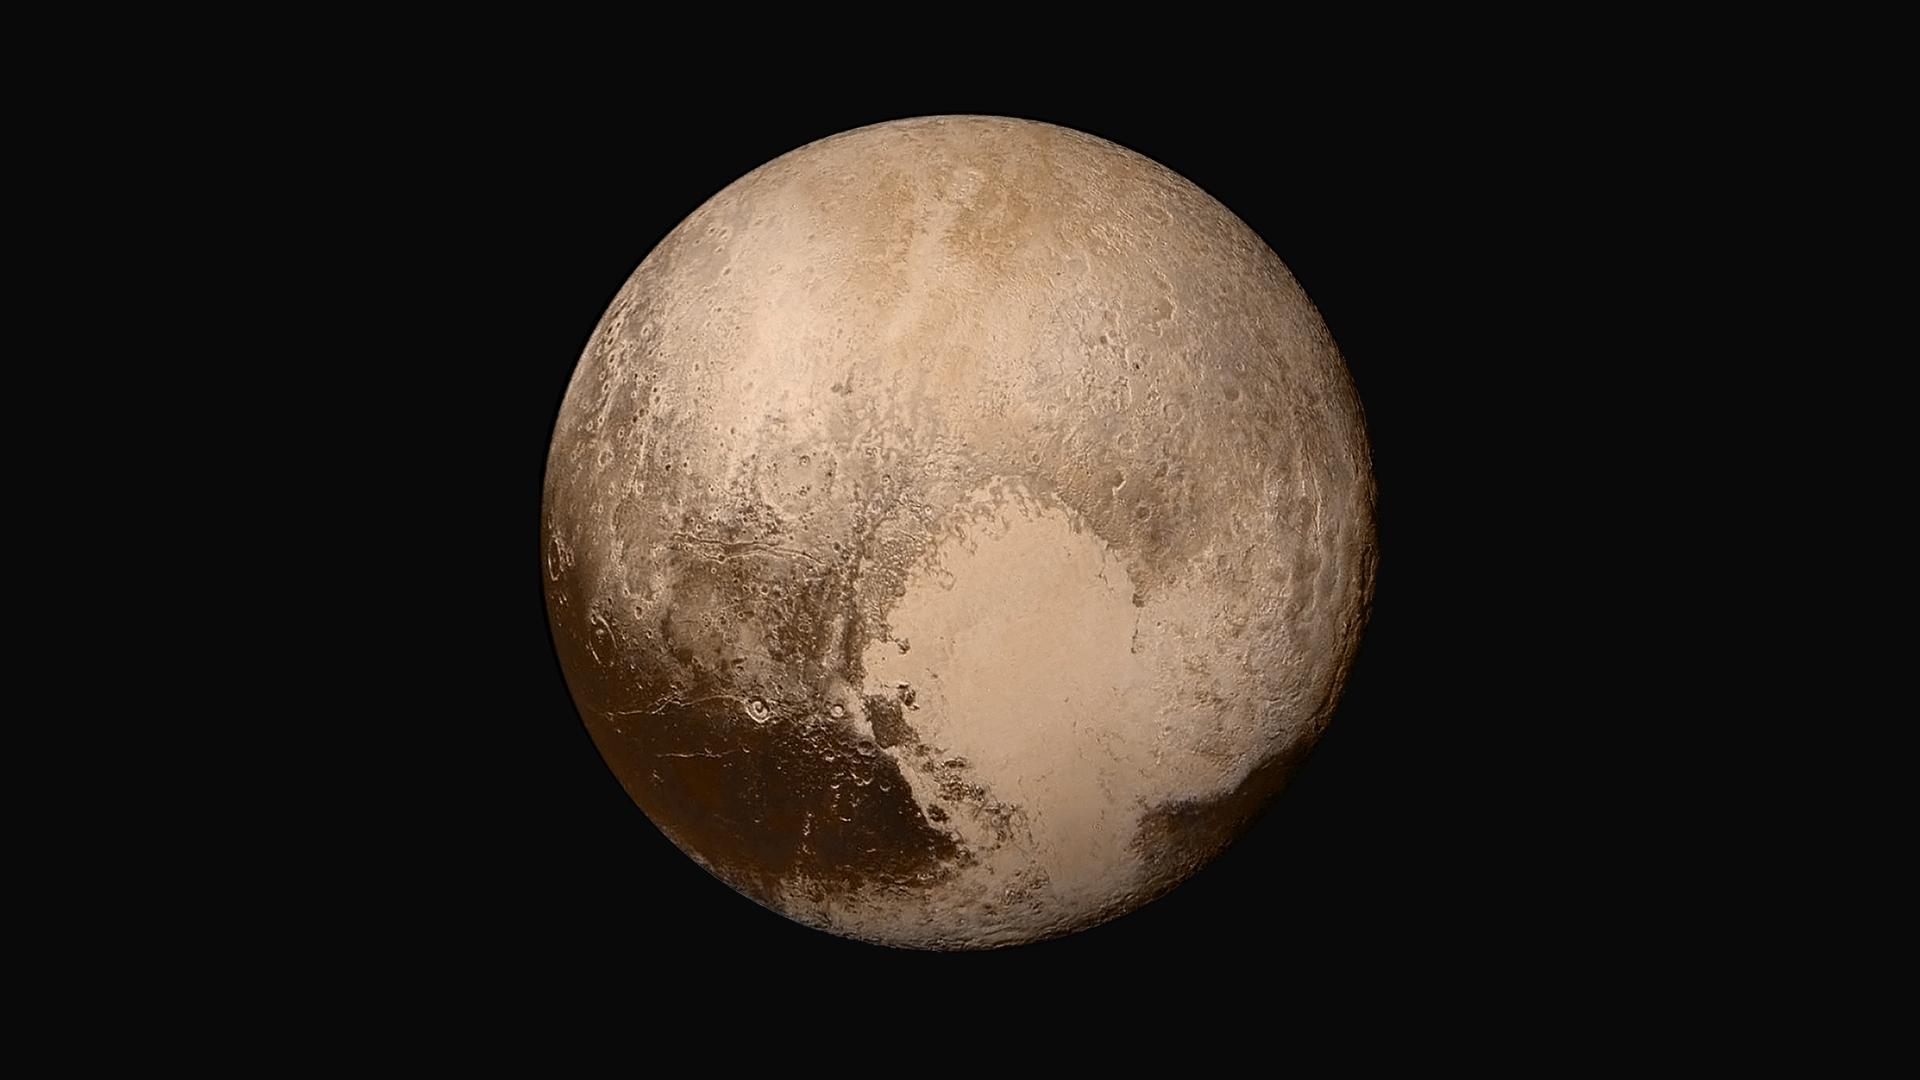 Zwergplanet Pluto in Echtfarben fotografiert von New Horizons